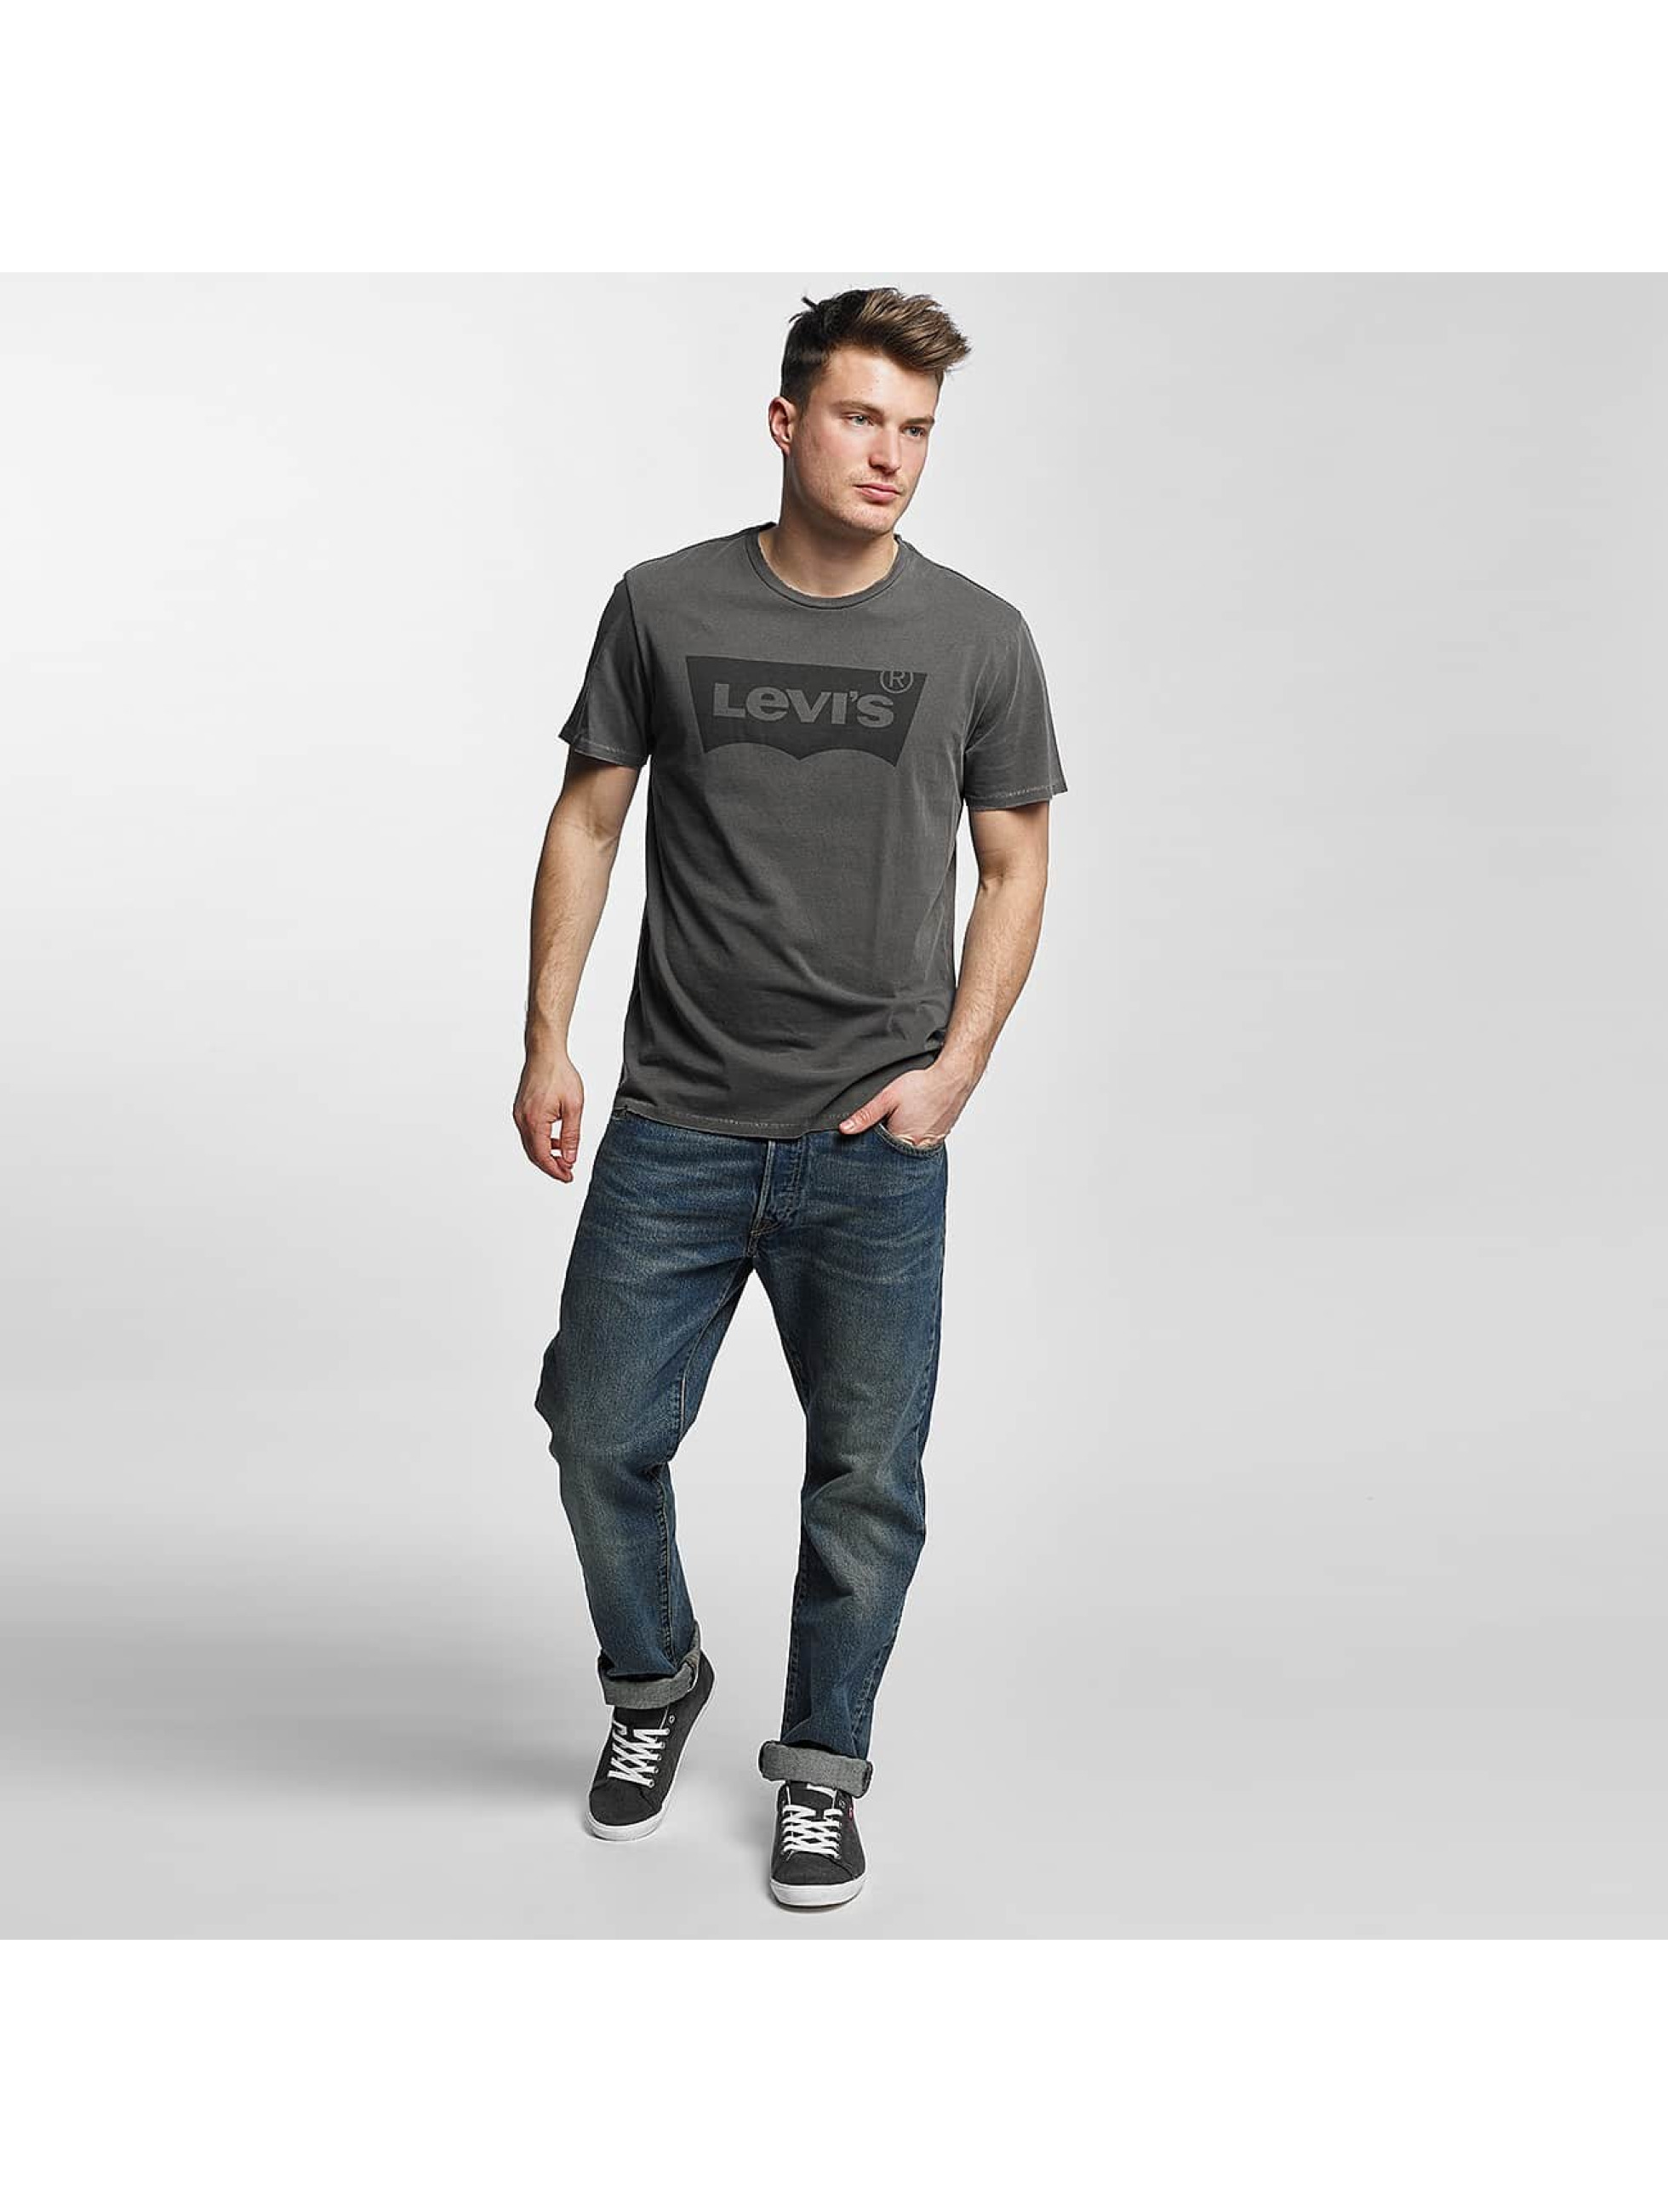 levi 39 s housemark graphic noir homme t shirt levi 39 s acheter pas cher haut 348566. Black Bedroom Furniture Sets. Home Design Ideas